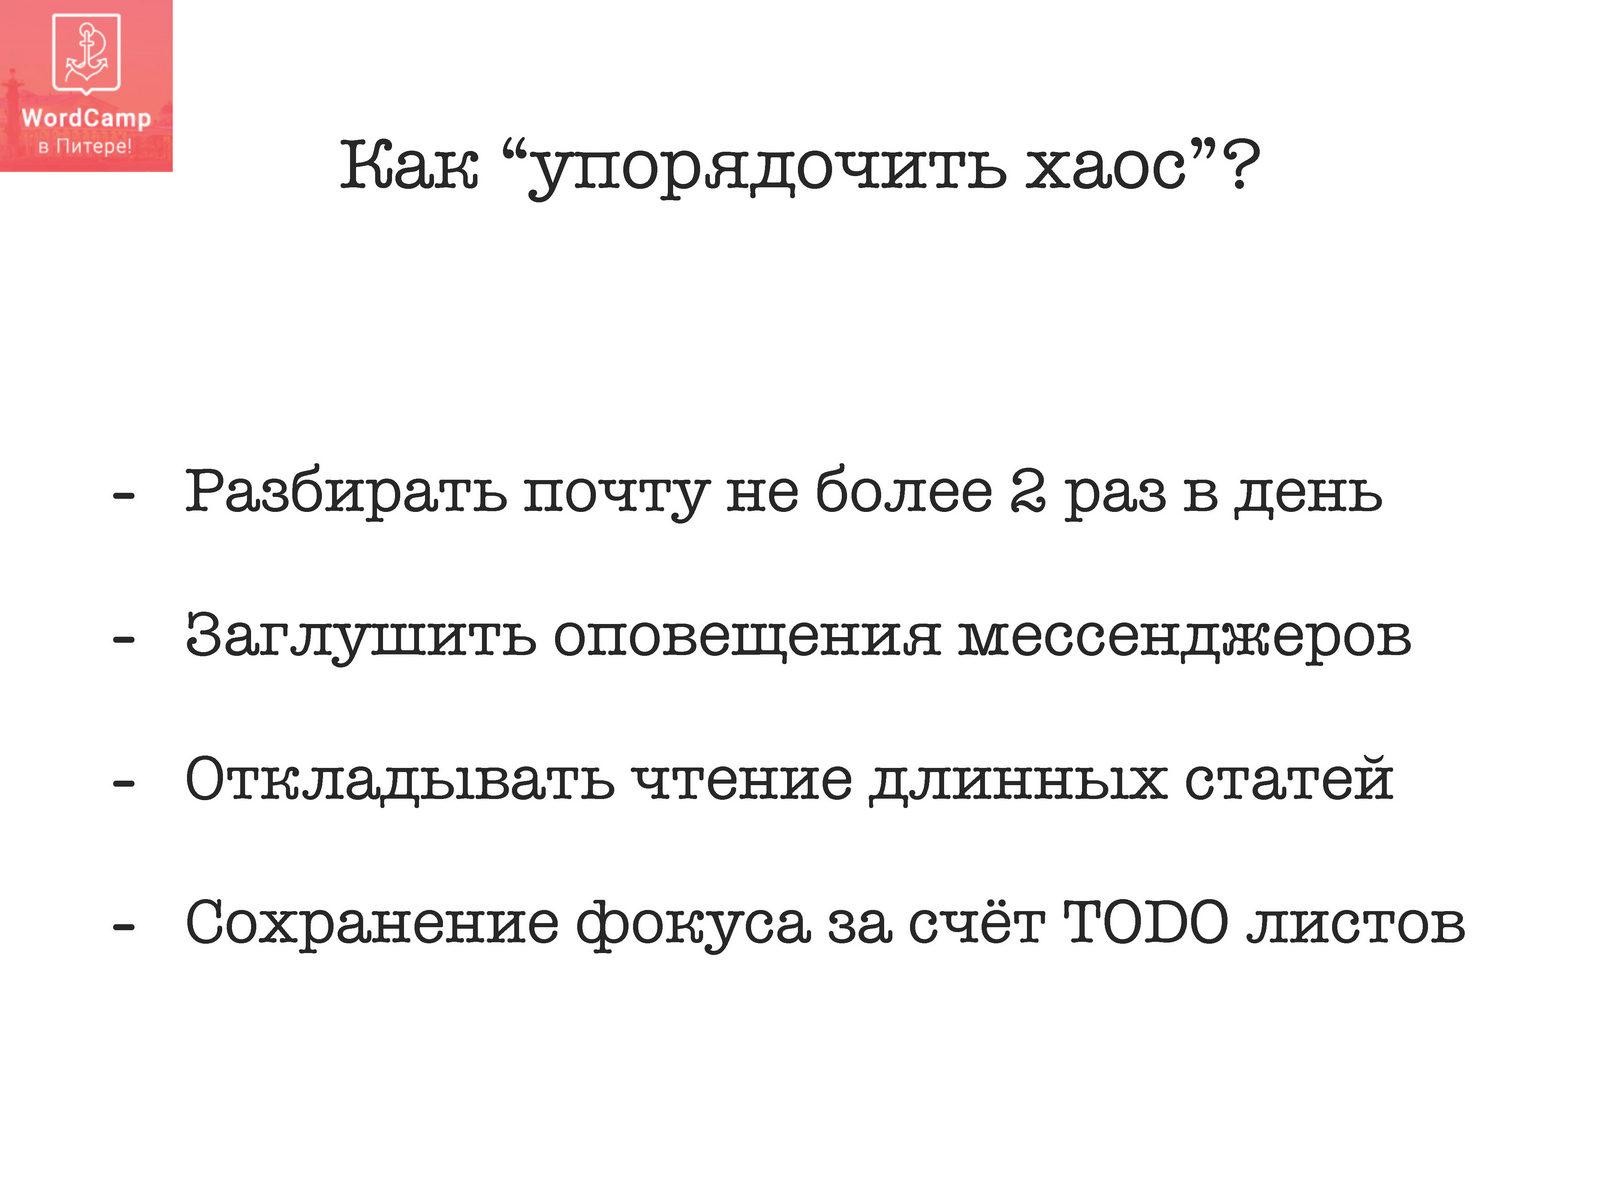 Тимур Гоголев - 100% распределенная компания мифы или реальность_Page_17